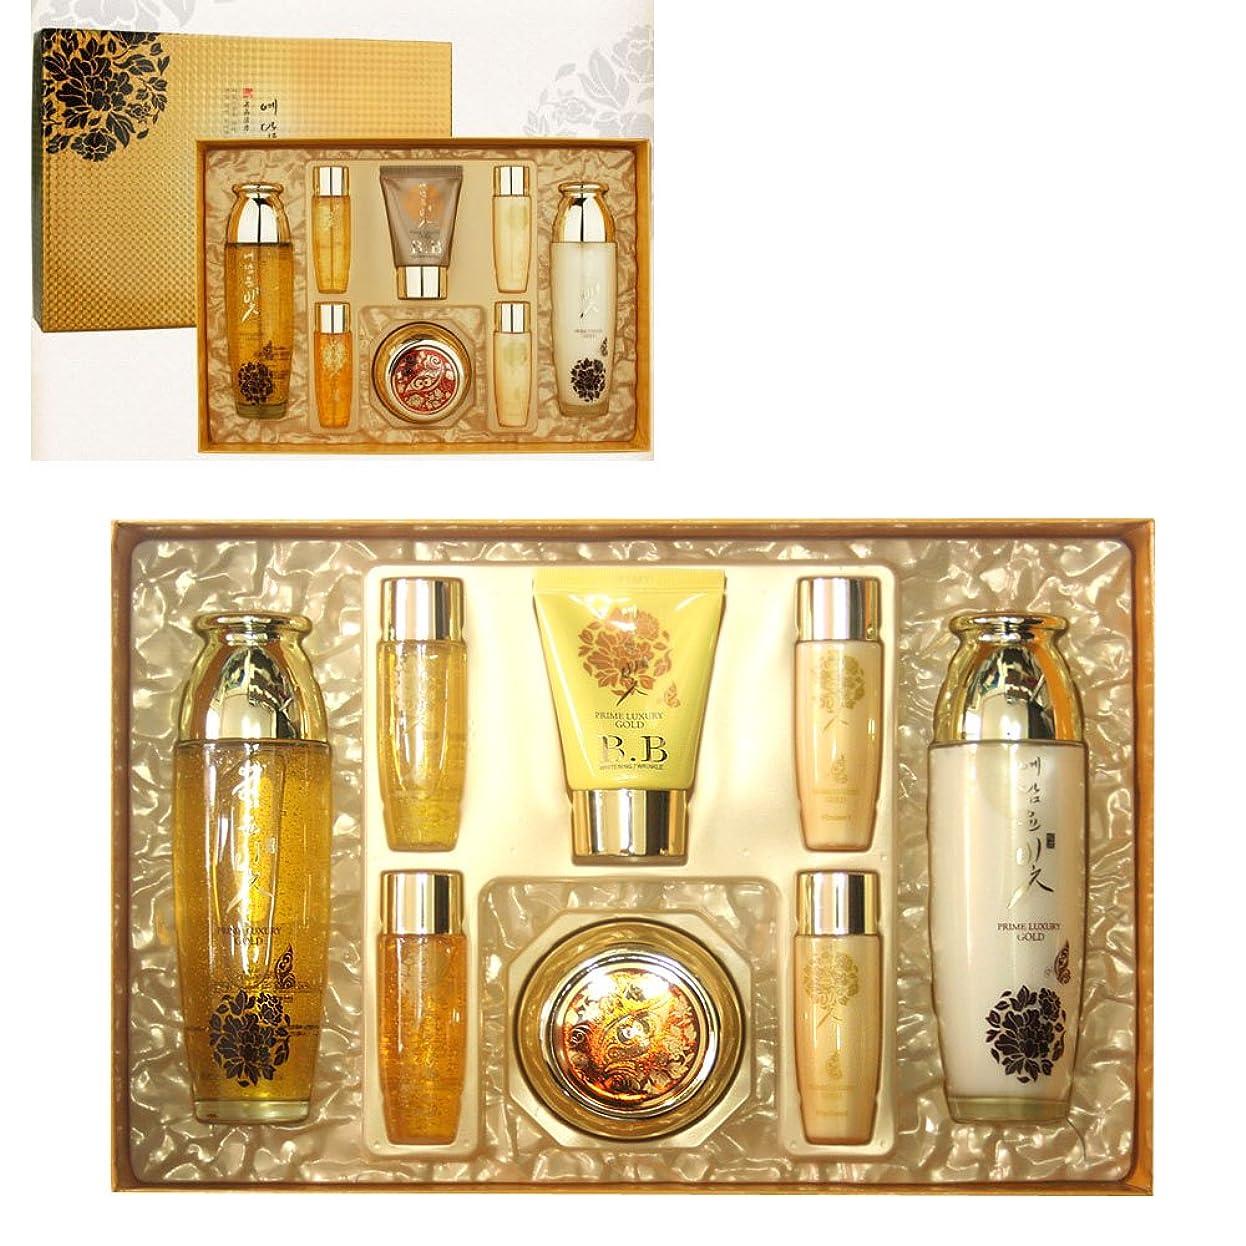 実際ラジウム一人で[YEDAM YUN BIT]  プライムラグジュアリーゴールド女性のスキンケア4種セット/ Prime Luxury Gold Women Skin Care 4pcs Set / リンクルリペア/ホワイトニング / Wrinkle repair / Whitening / 韓国化粧品 / Korean Cosmetics [並行輸入品]